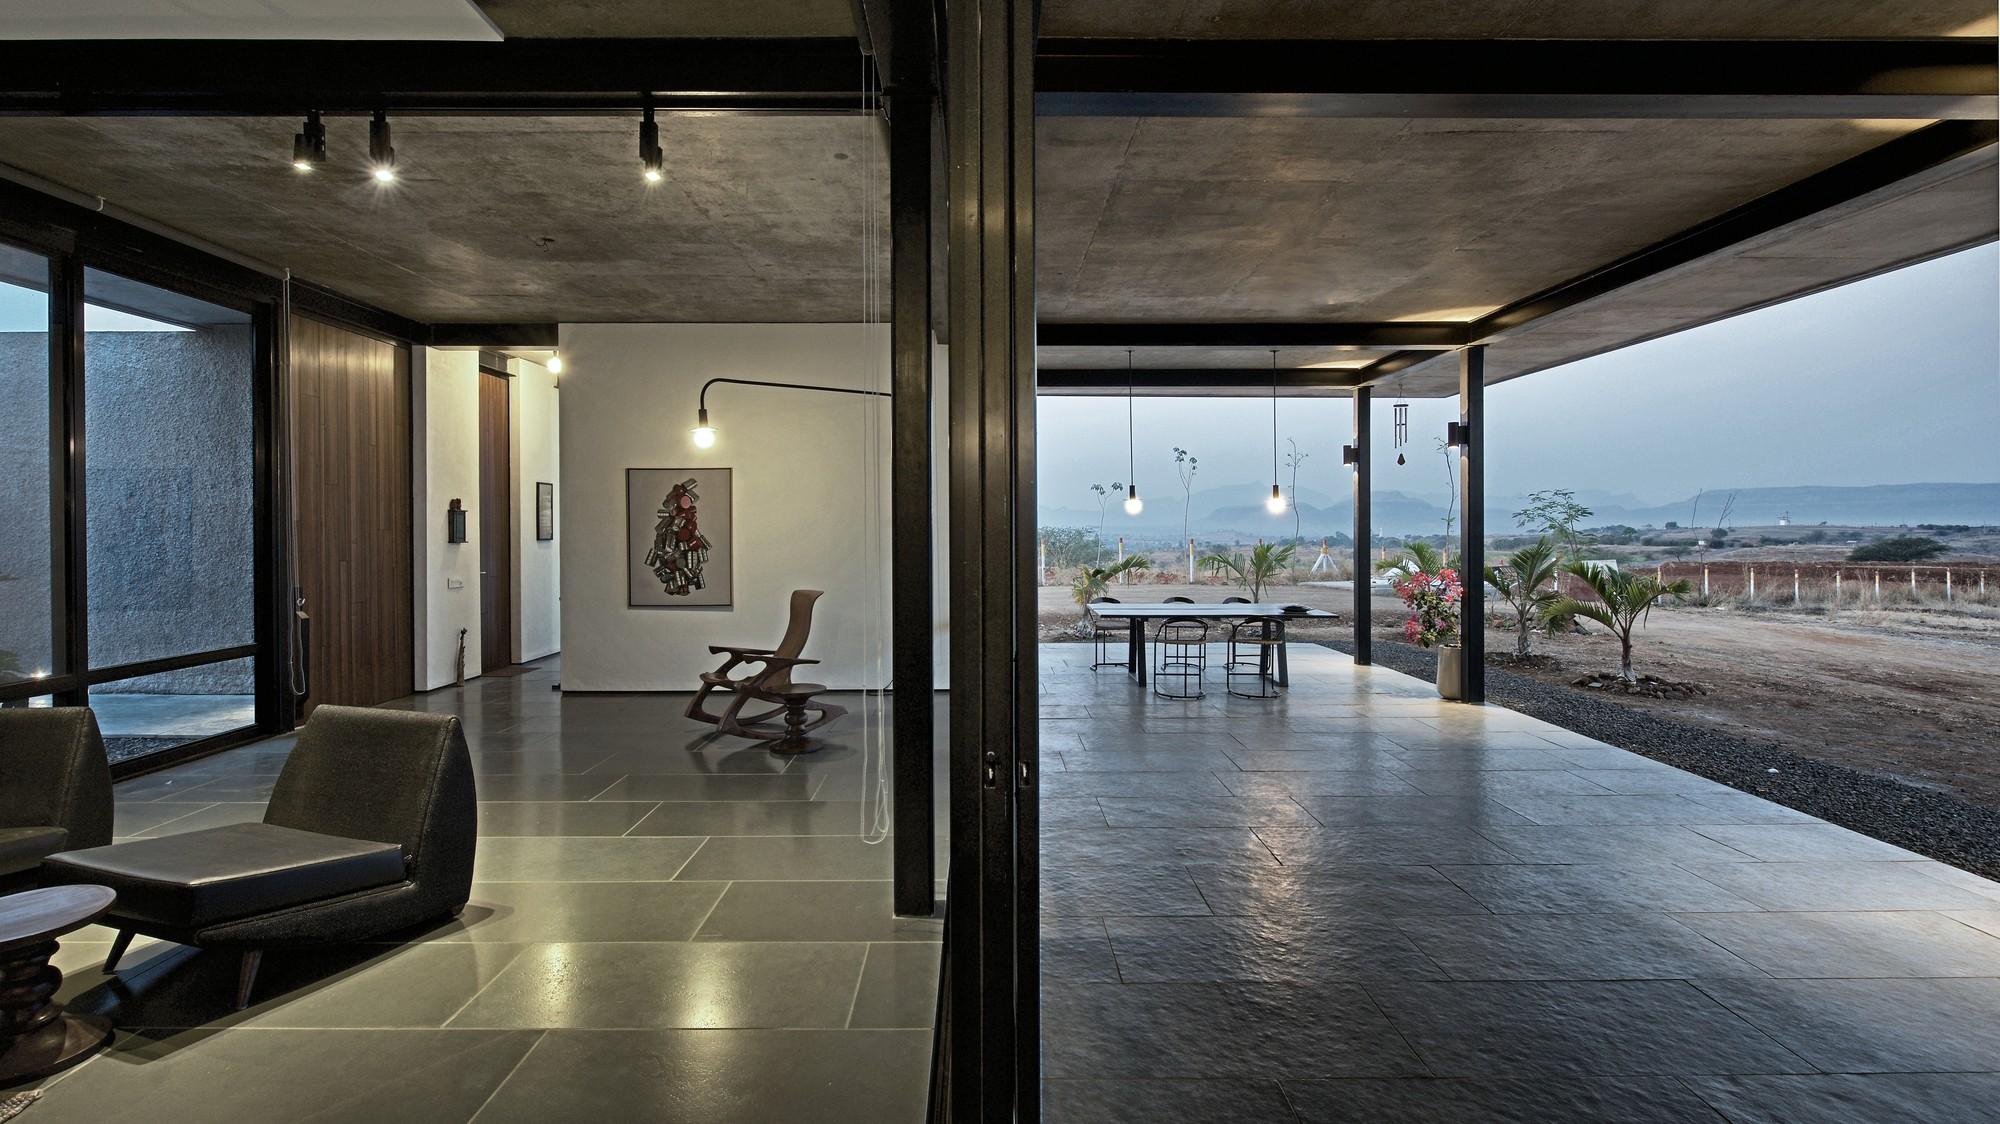 Deolali House In Maharashtra, India (17)